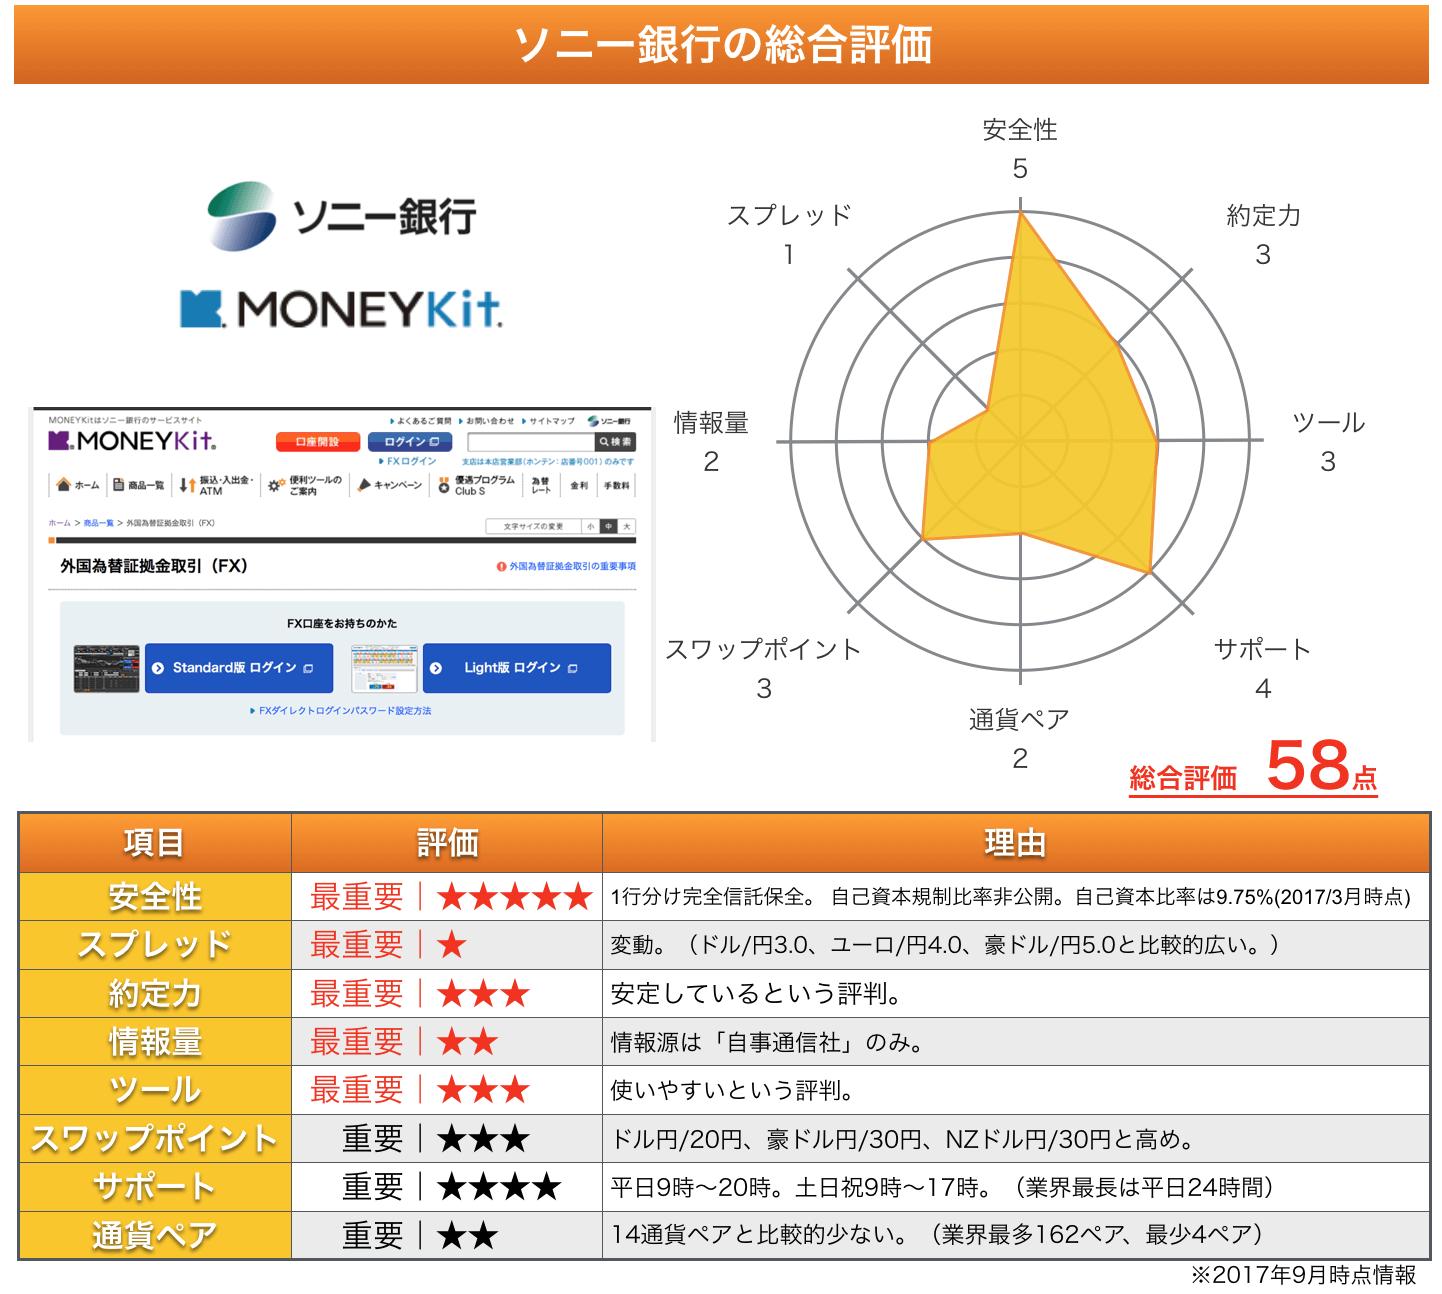 ソニー銀行の総合評価